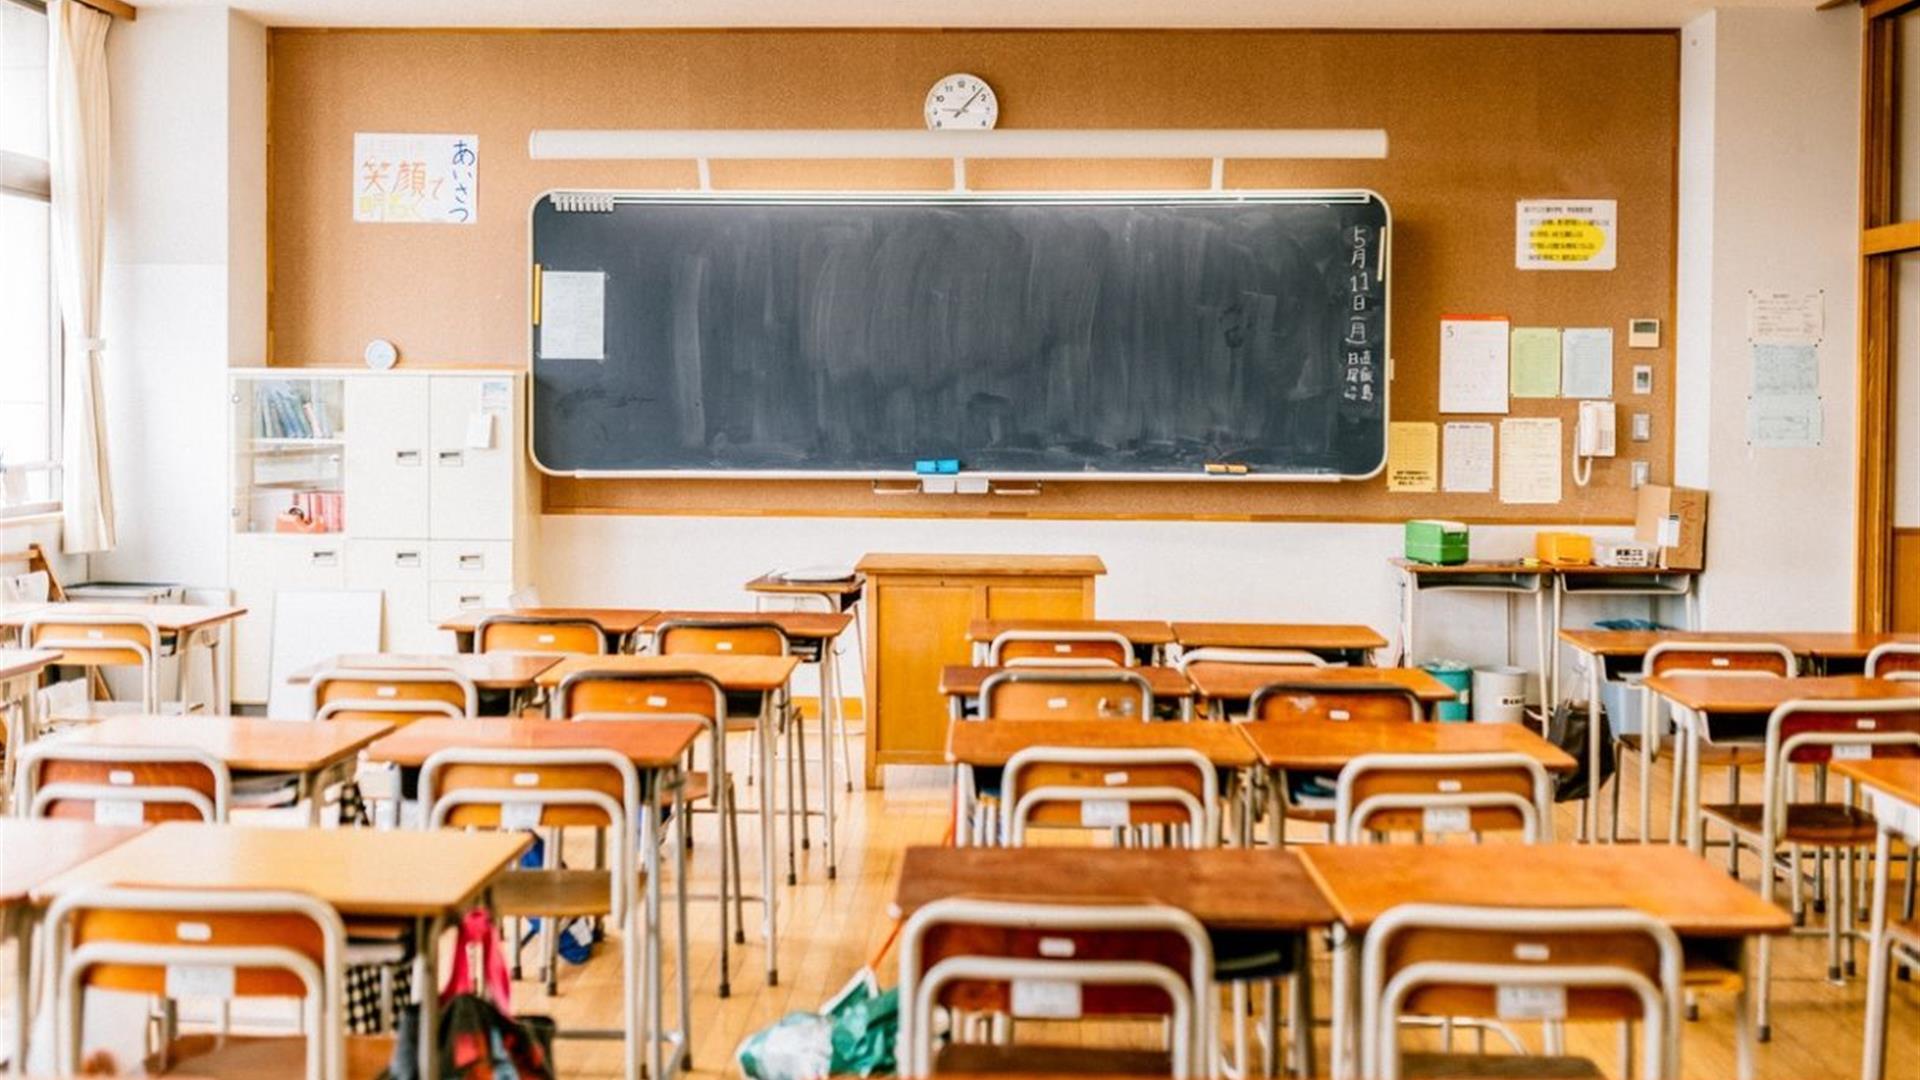 Diritto all'istruzione e Covid-19: spunti costituzionali